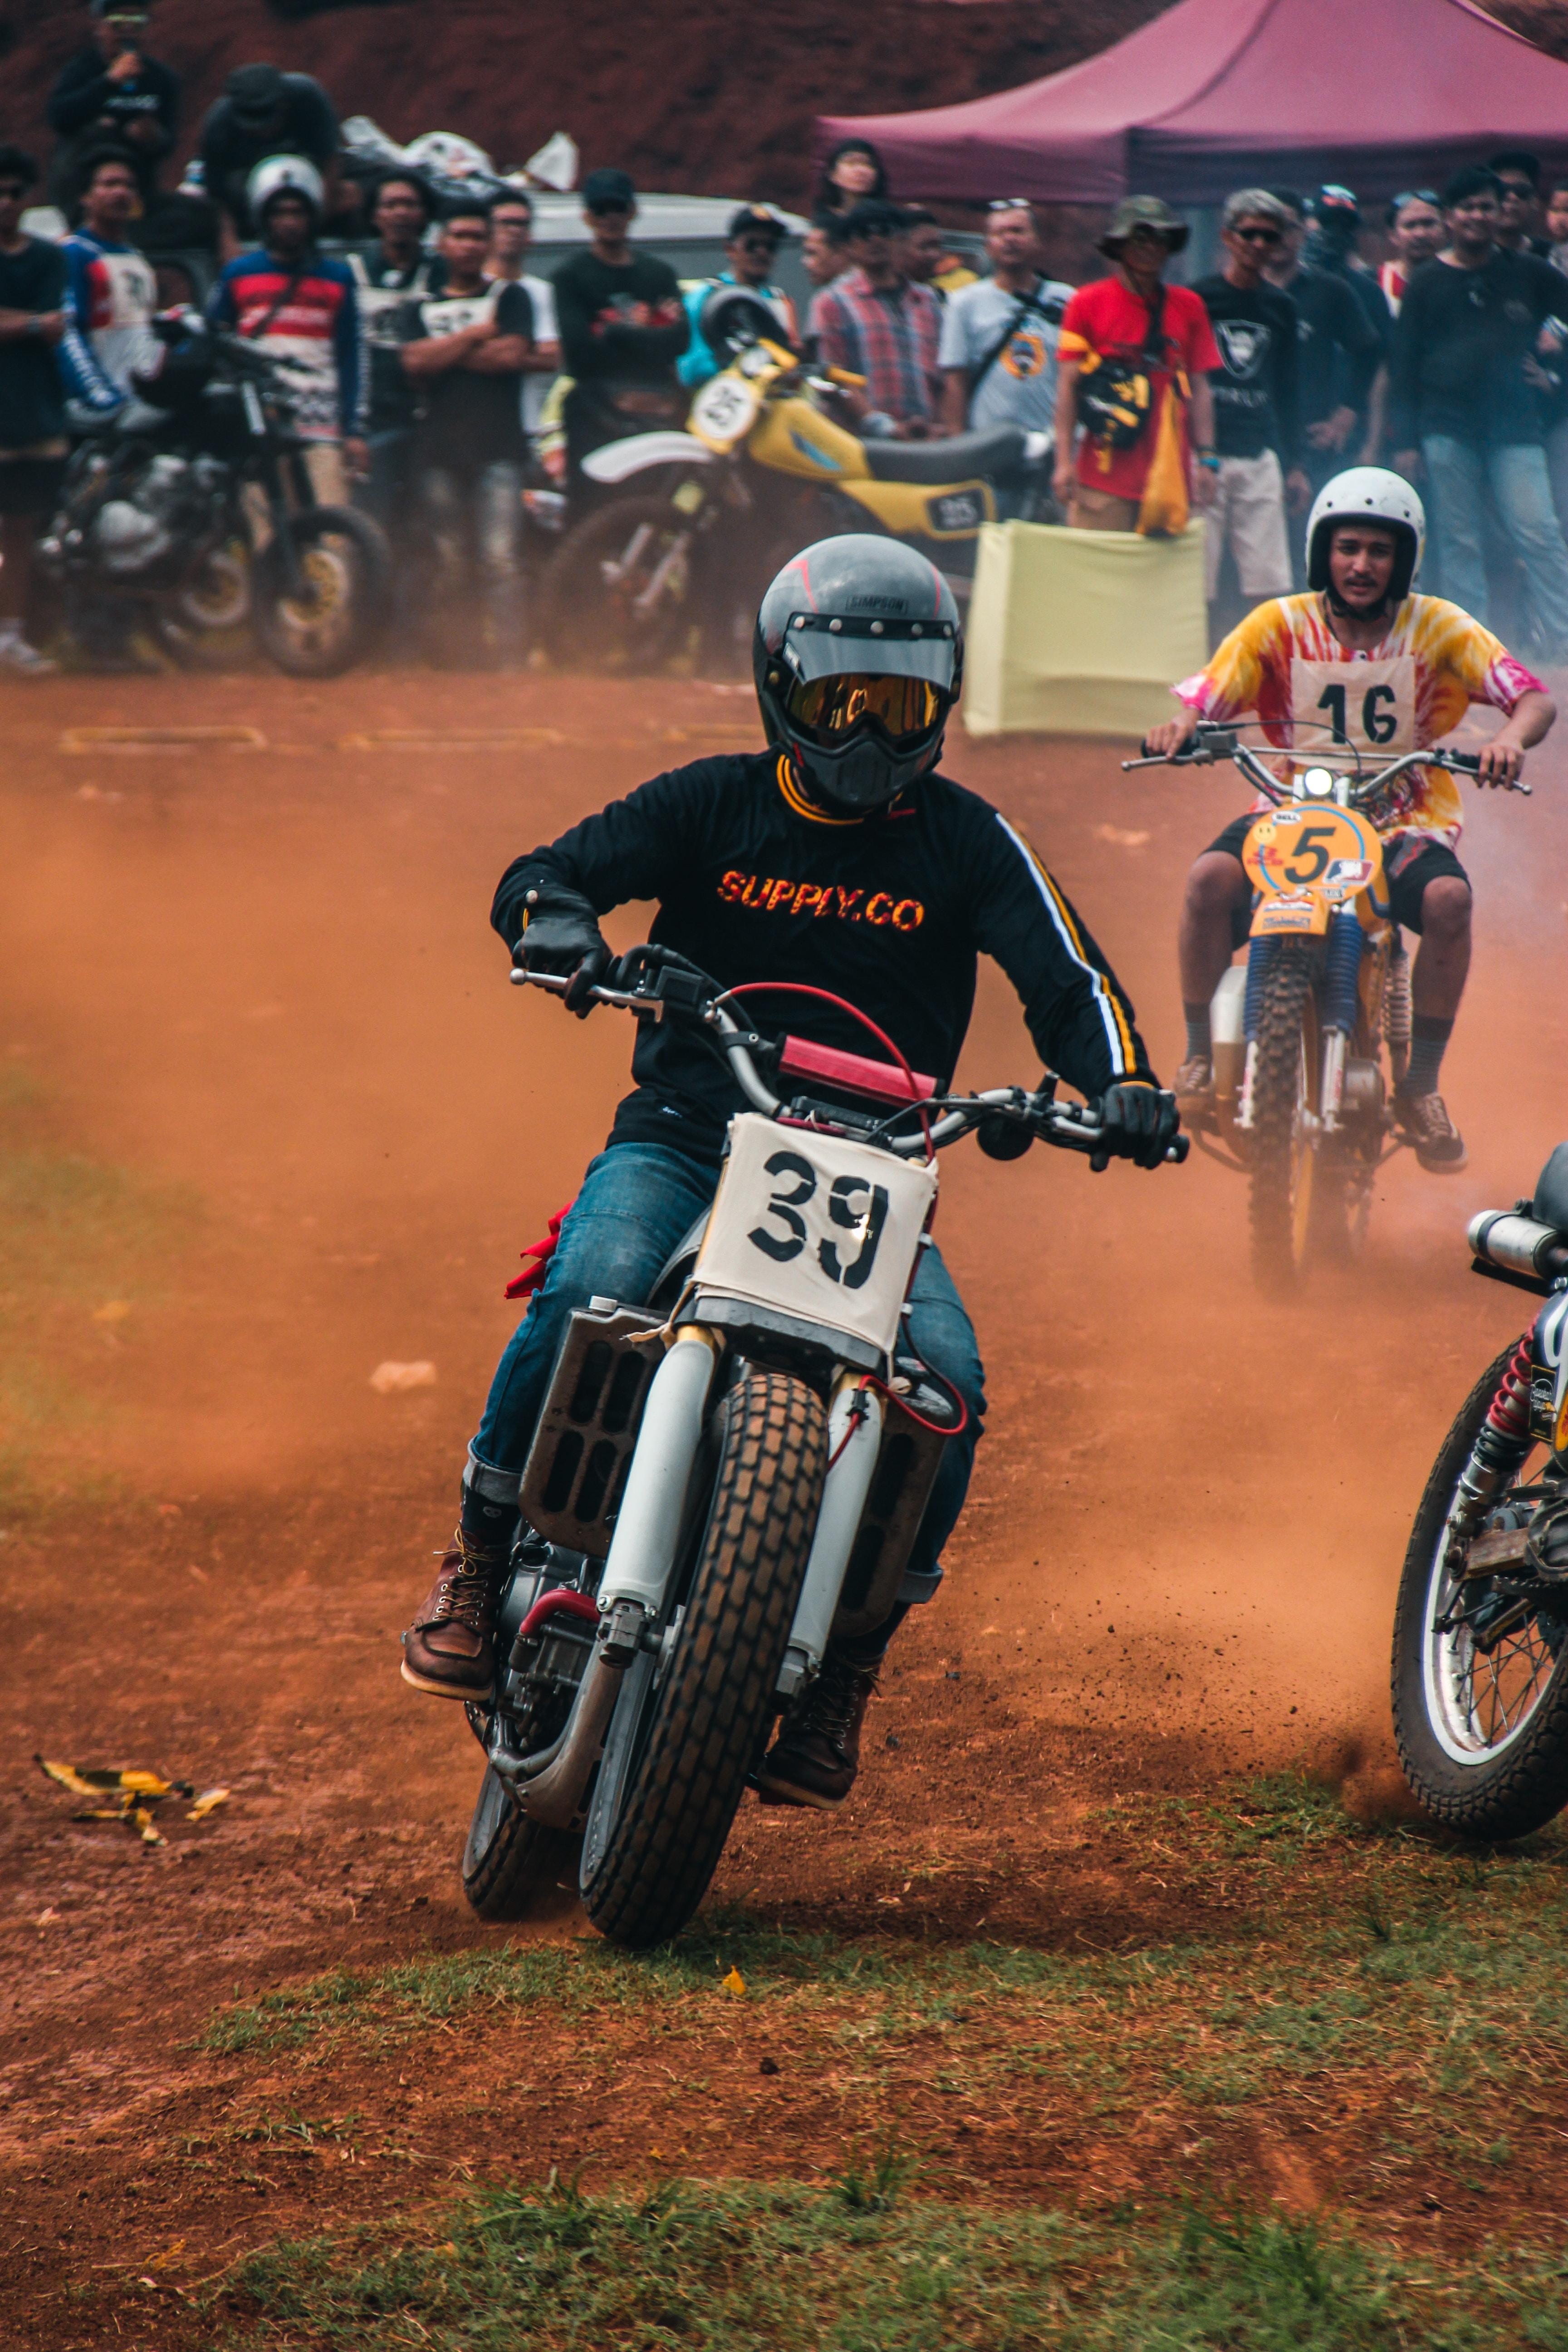 men dirt bike racing during daytime